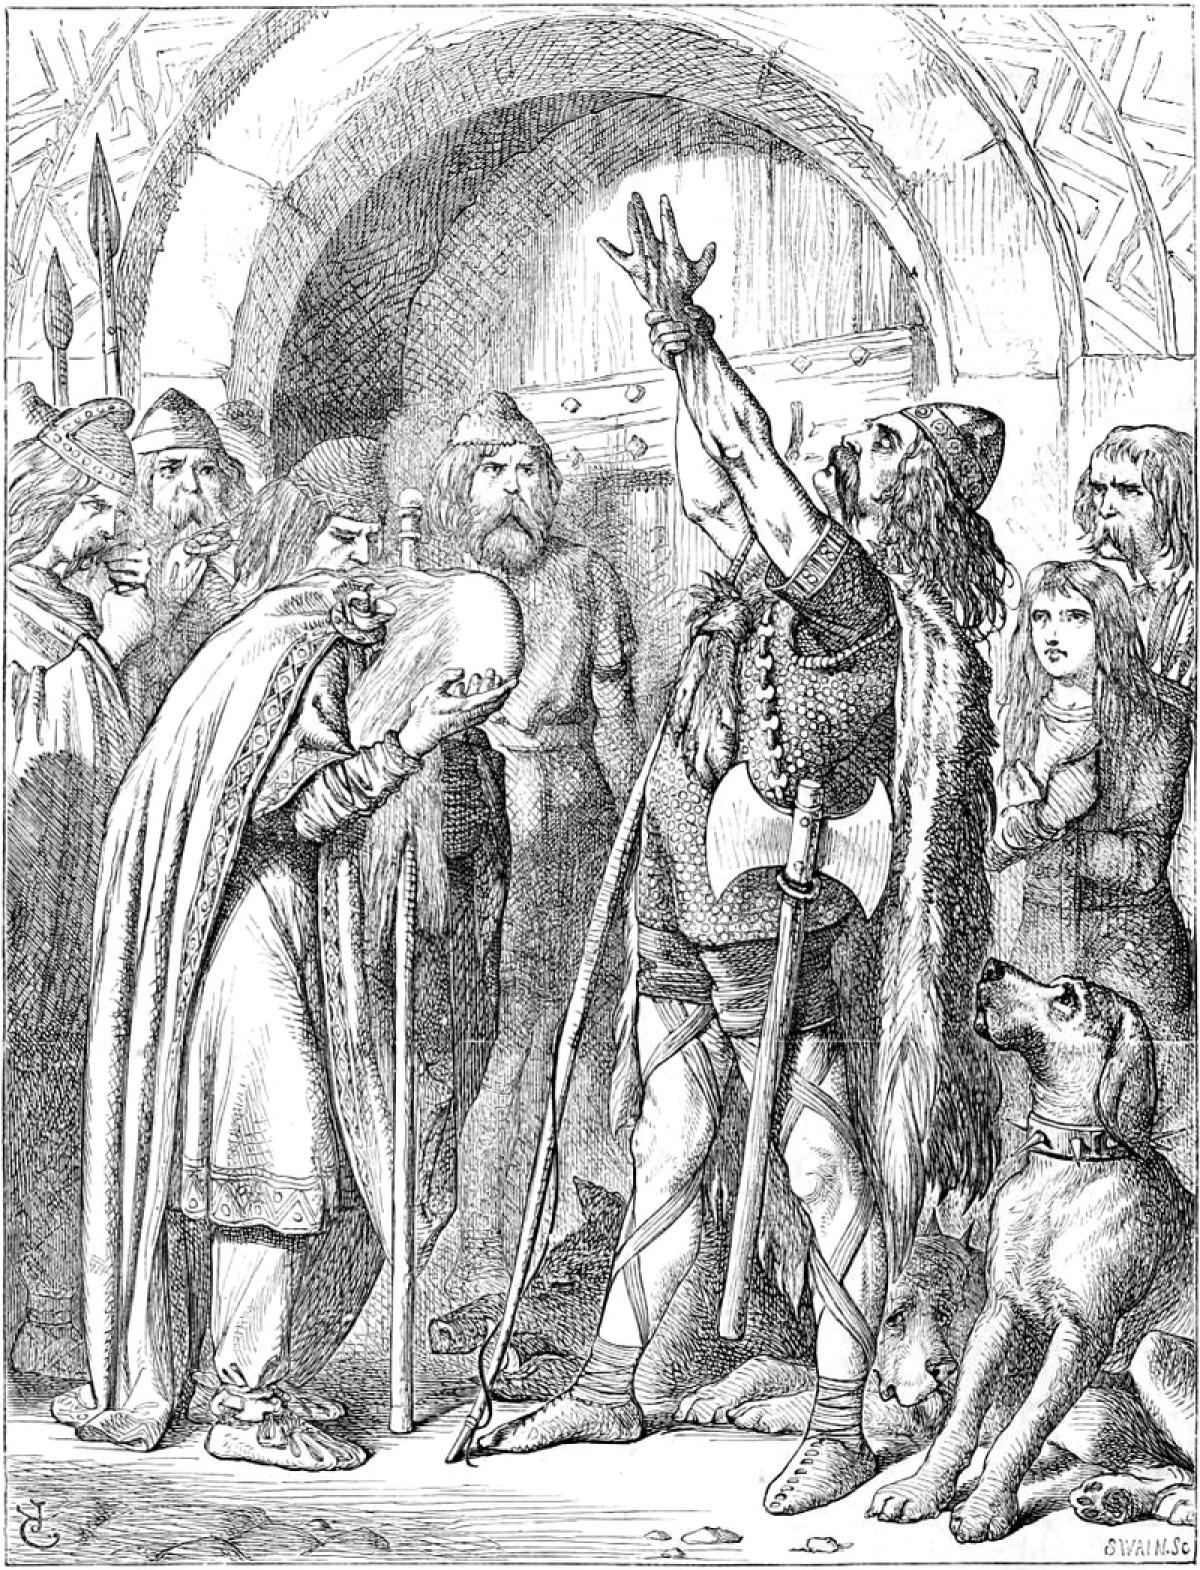 Histoire de Rennes - Nominoë, considéré comme premier roi de Bretagne, lève les bras face à un homme abattu